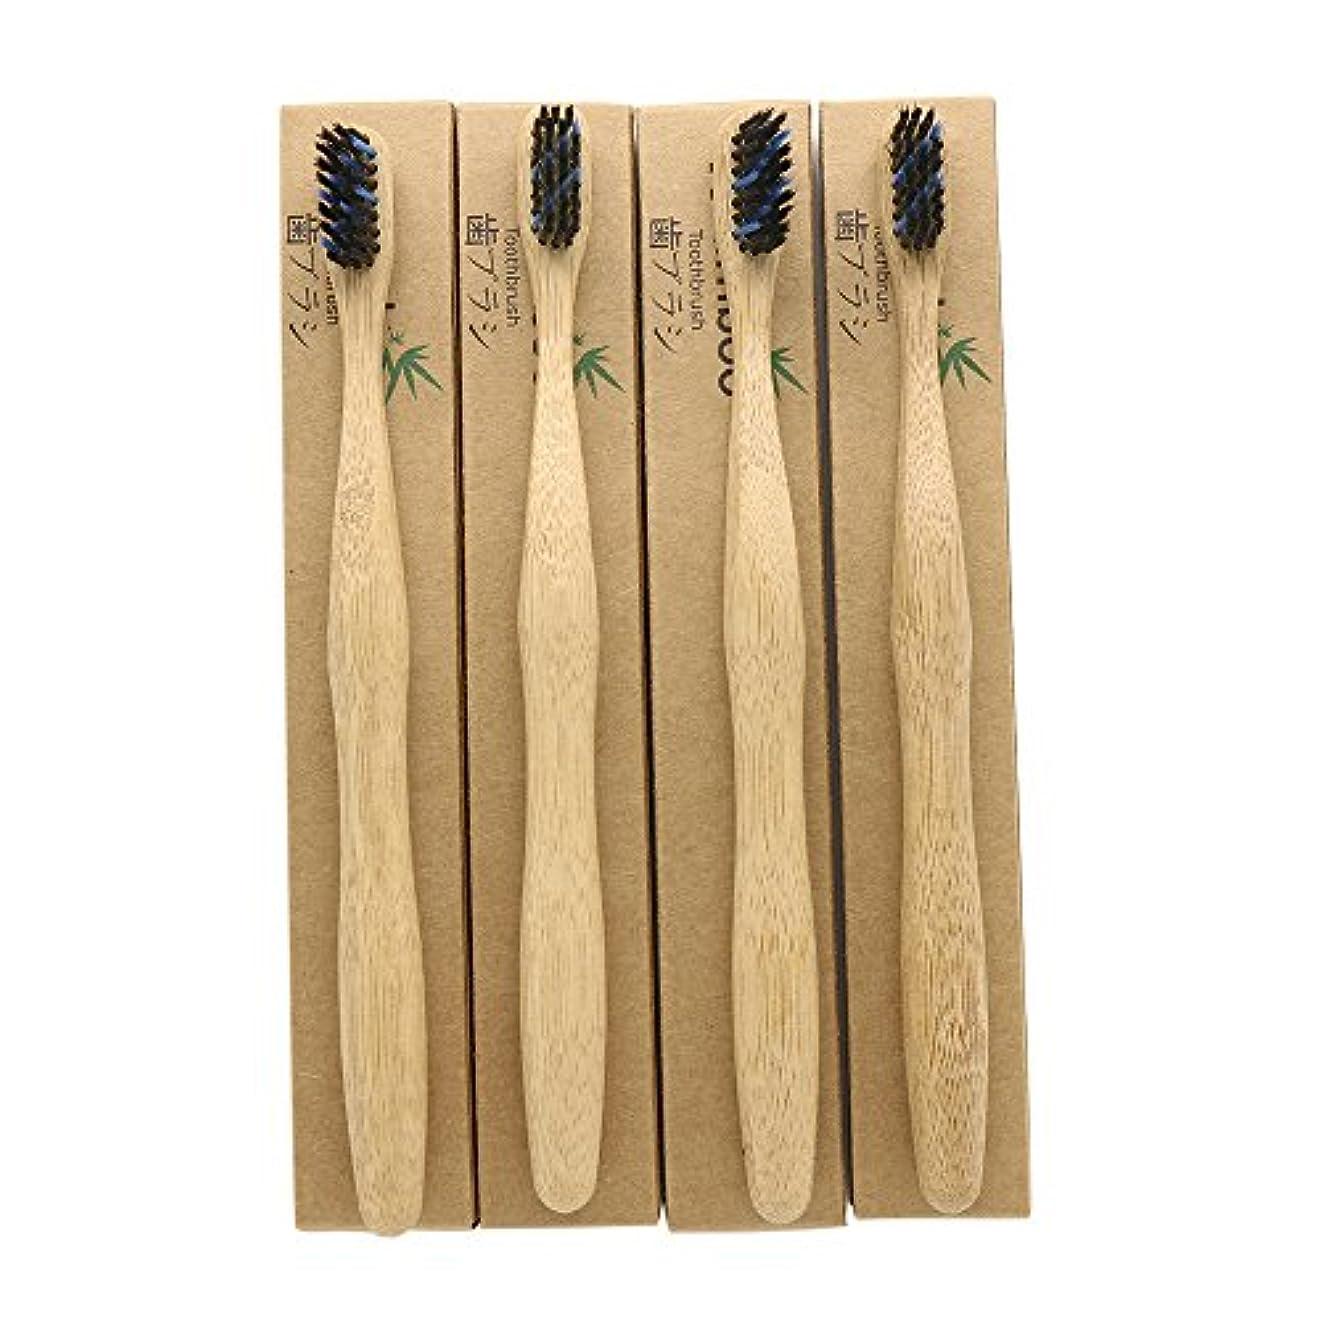 格差靴告白N-amboo 竹製耐久度高い 歯ブラシ 黒いと青い 4本入り セット